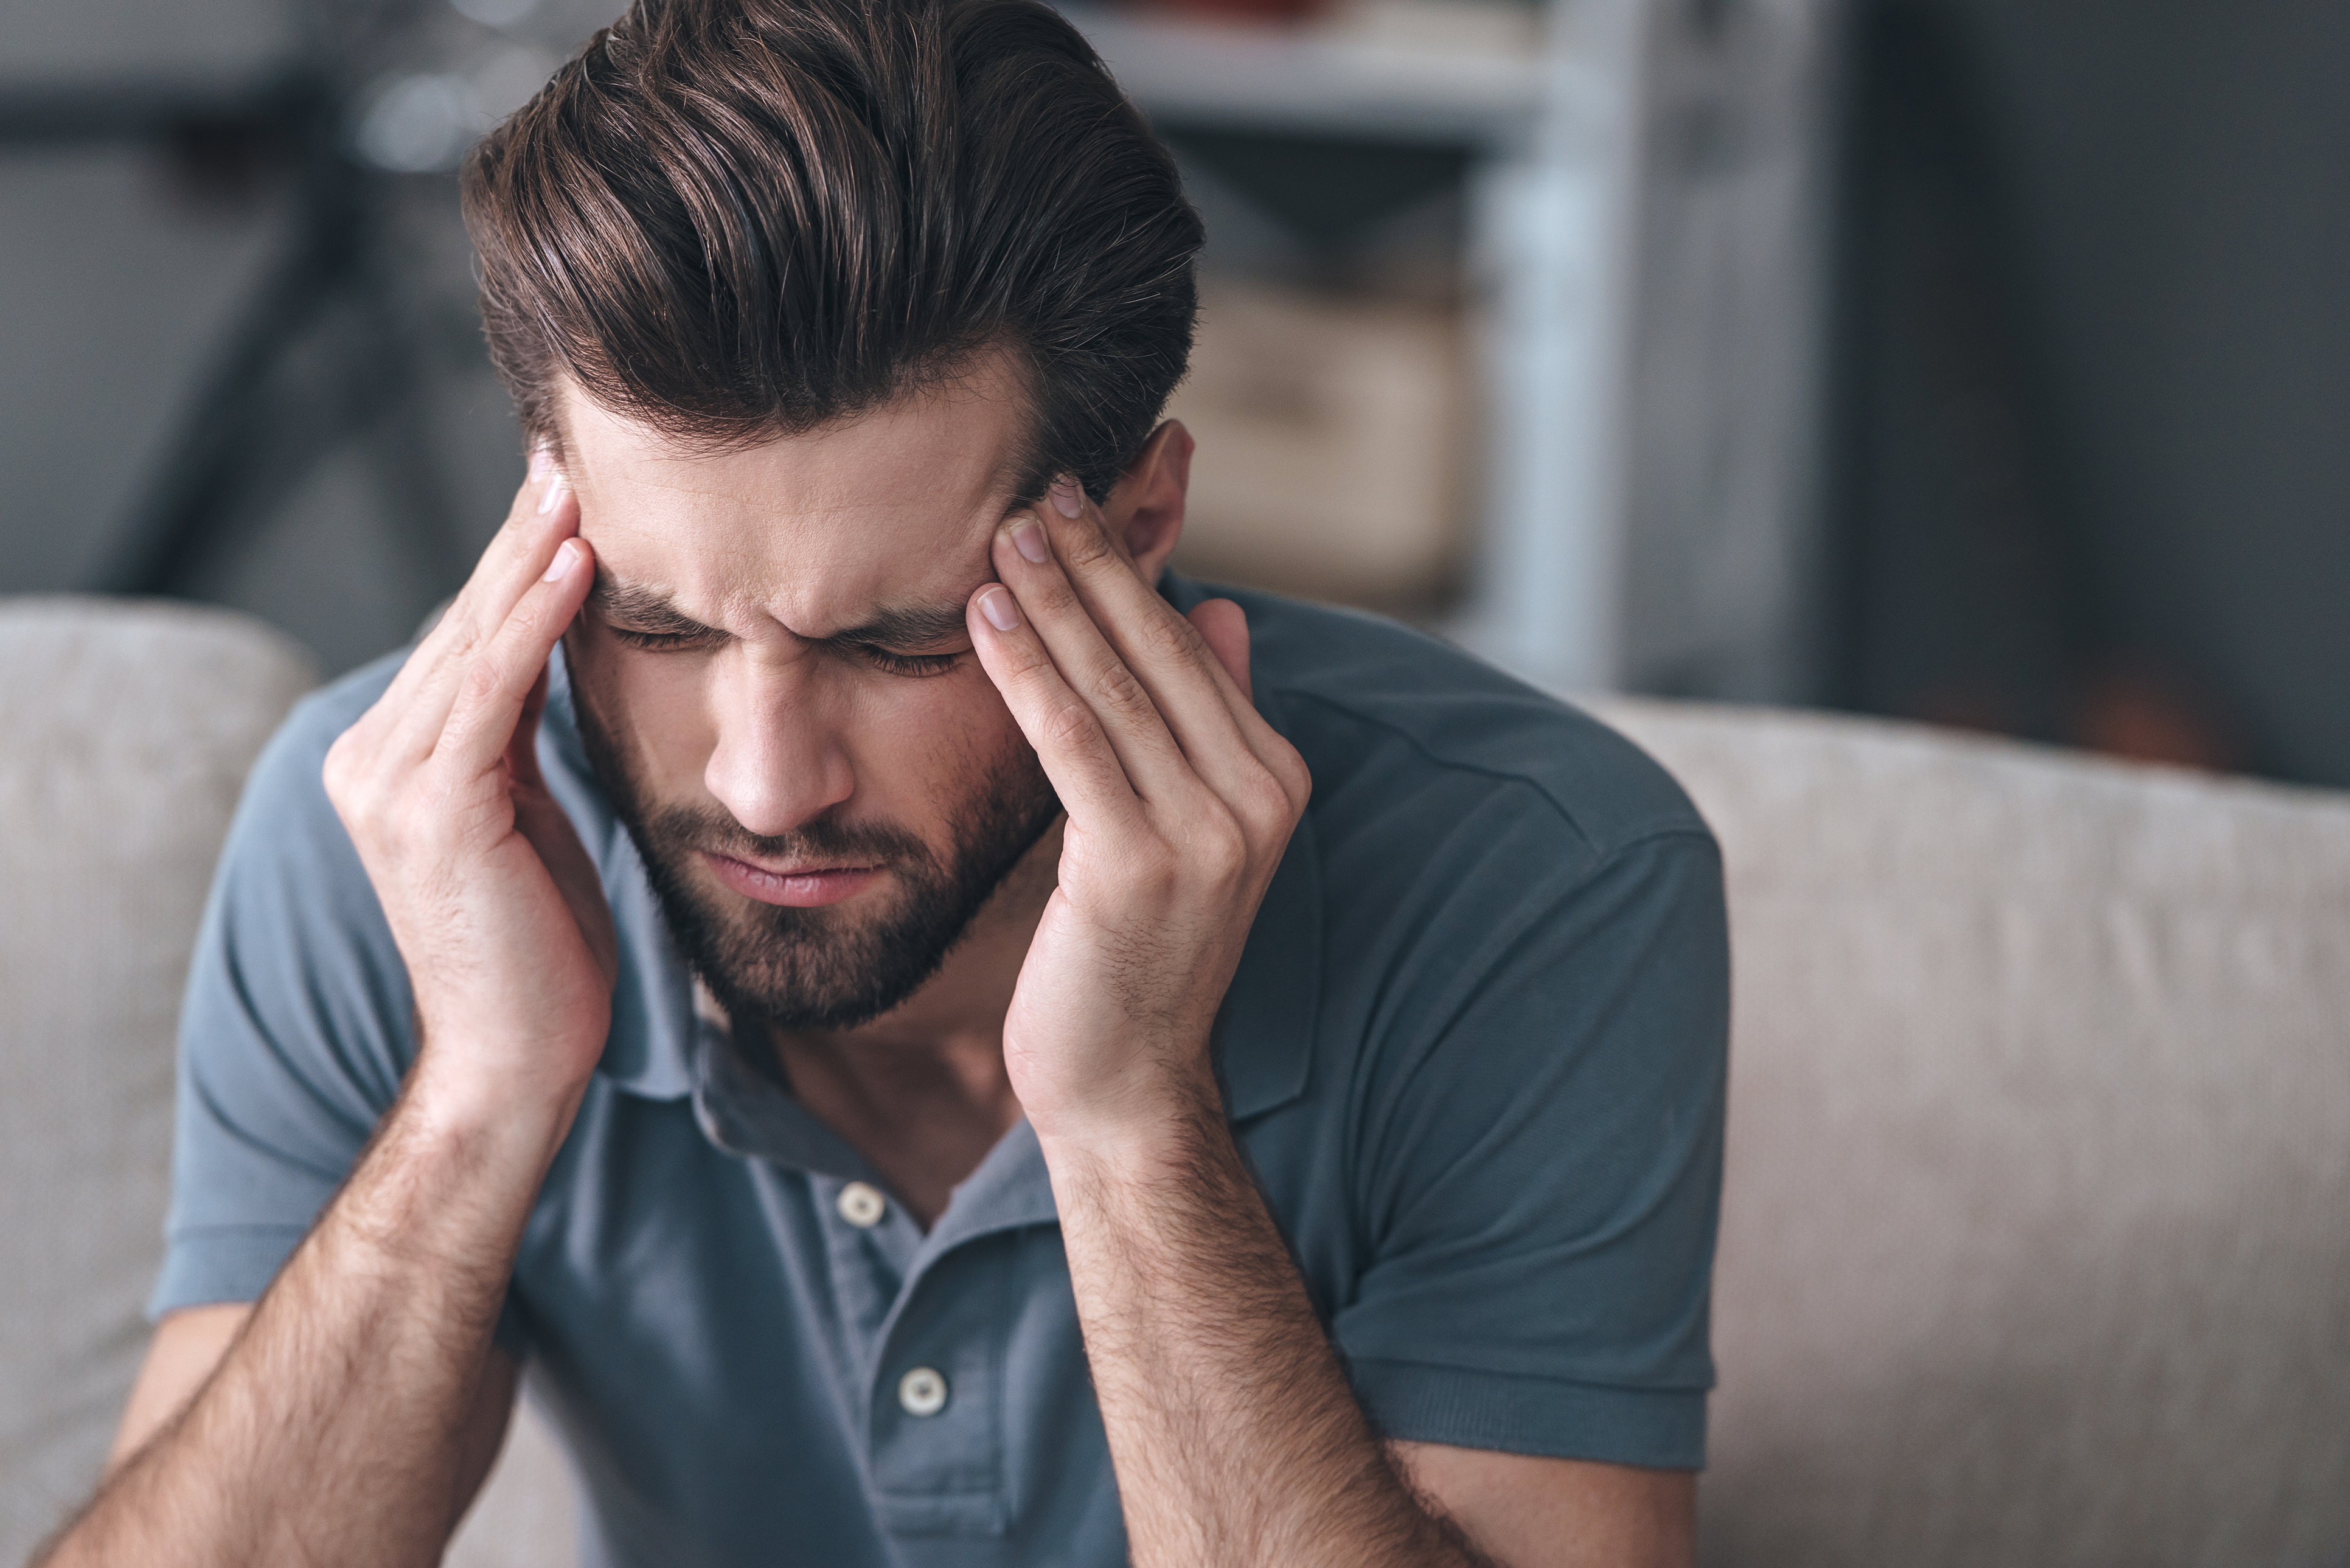 Quando as dores de cabeça viram rotina, prejudicam a qualidade de vida e vem acompanhada de outros sintomas, deve-se ficar atento e procurar ajuda médica.